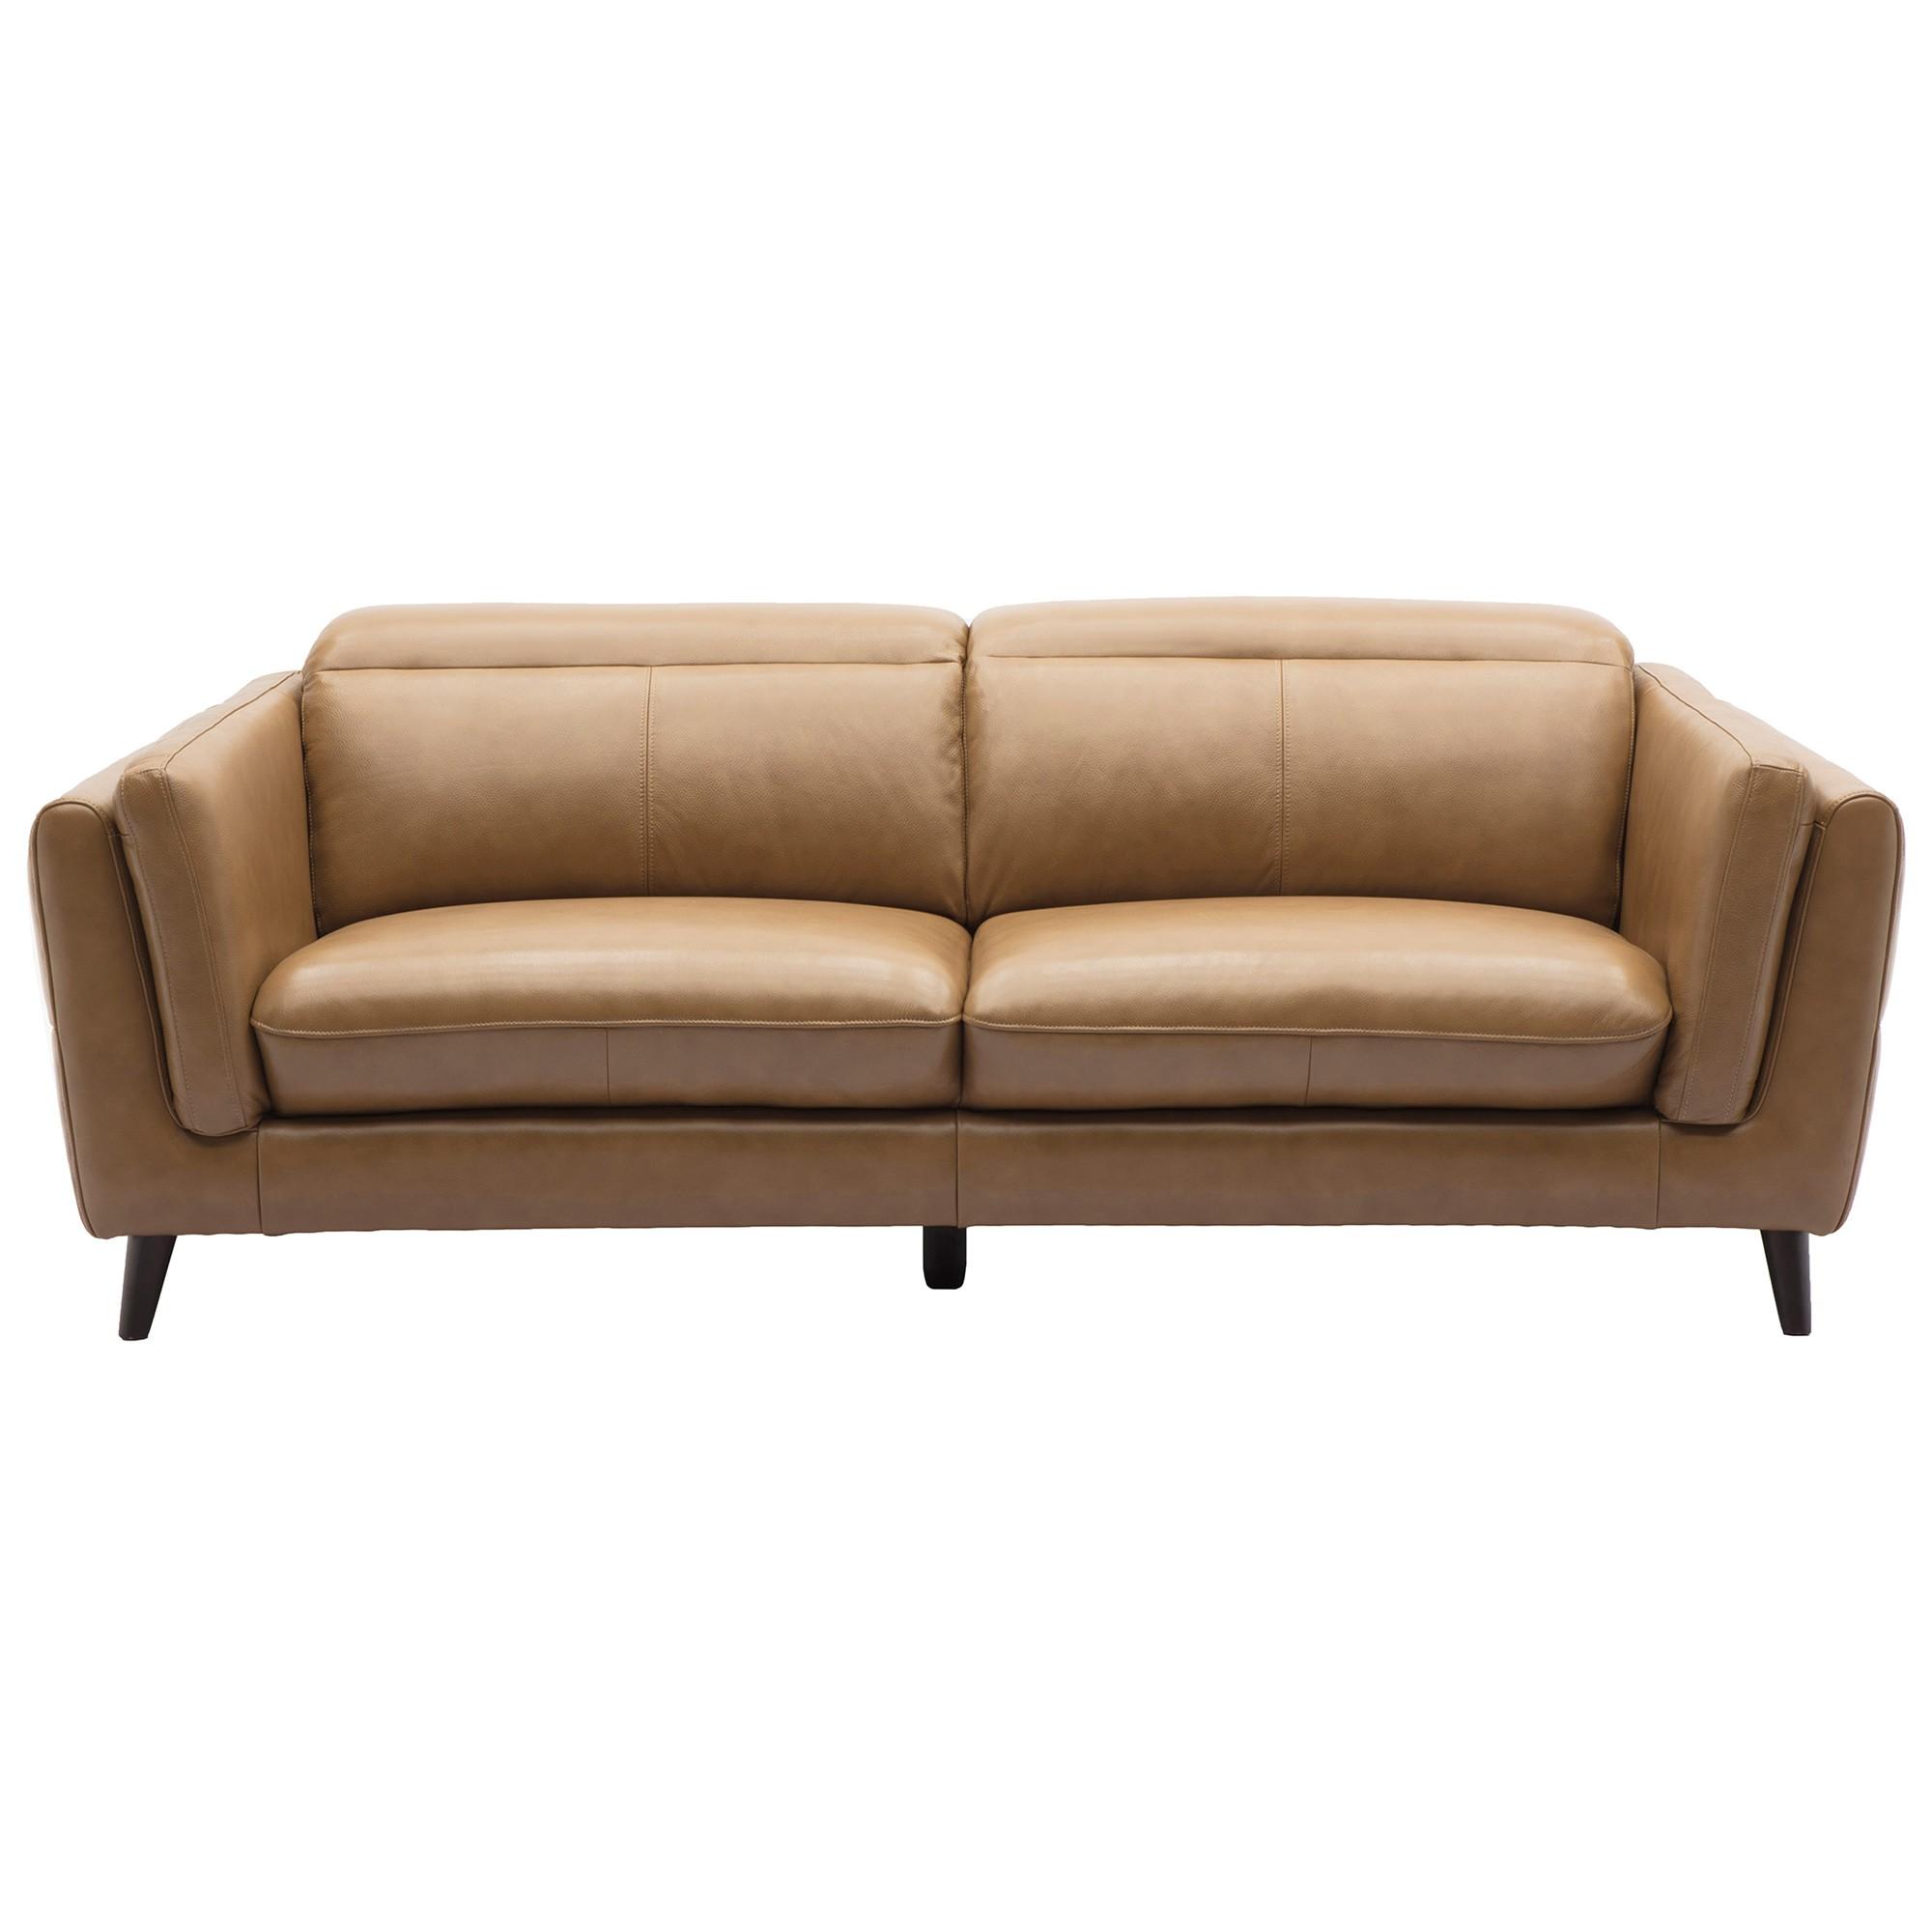 Casco Leather Sofa, 2.5 Seater